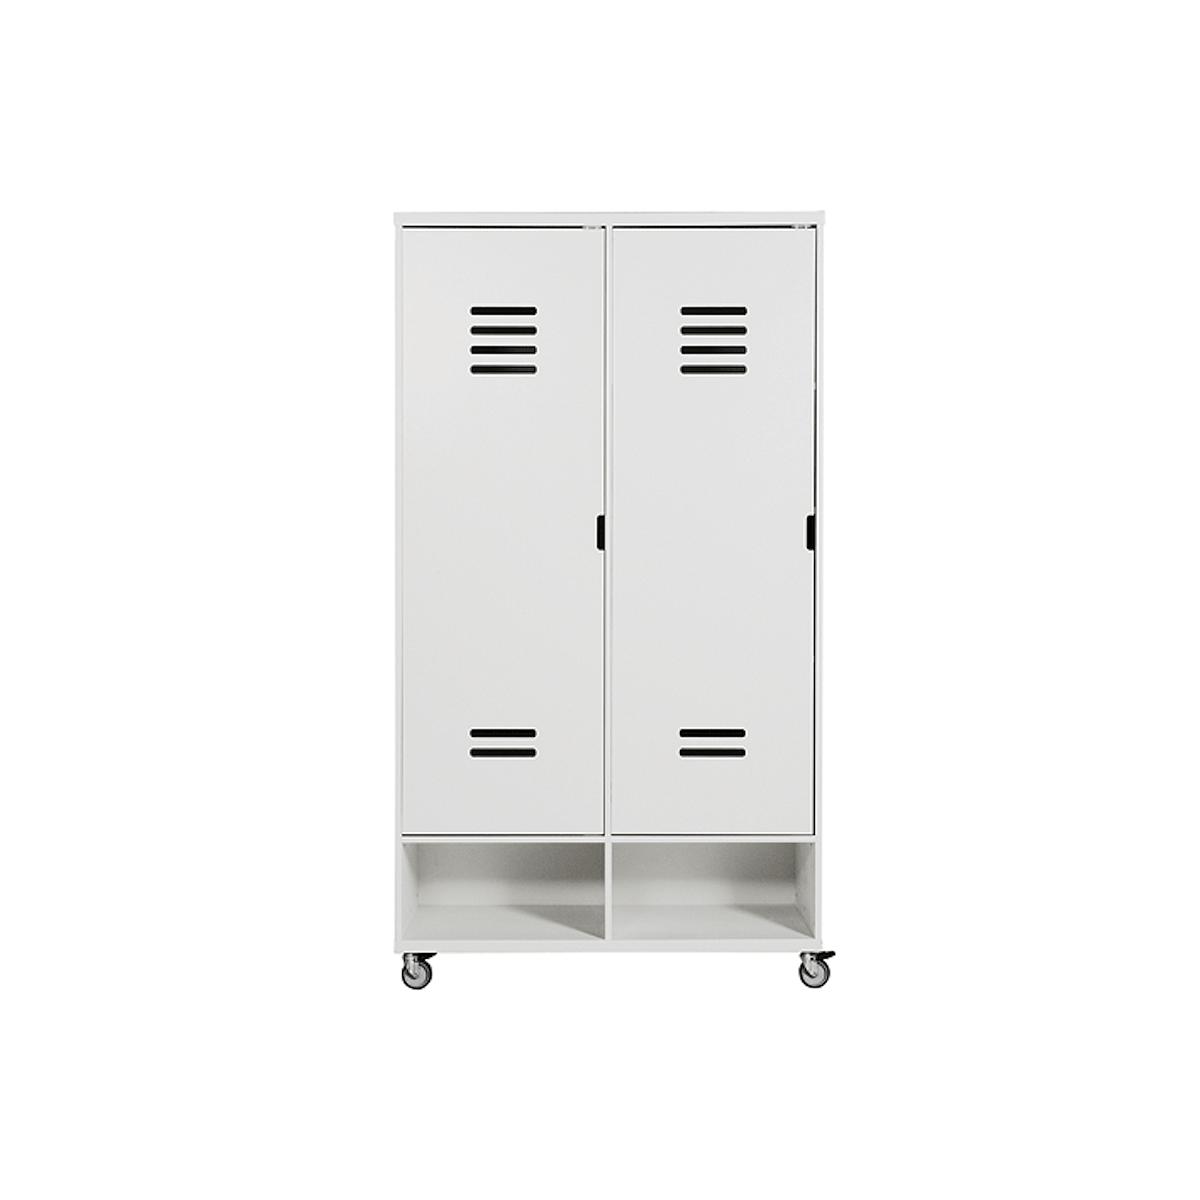 Armario 2 puertas LOCKER Bopita blanco (sin cajones)